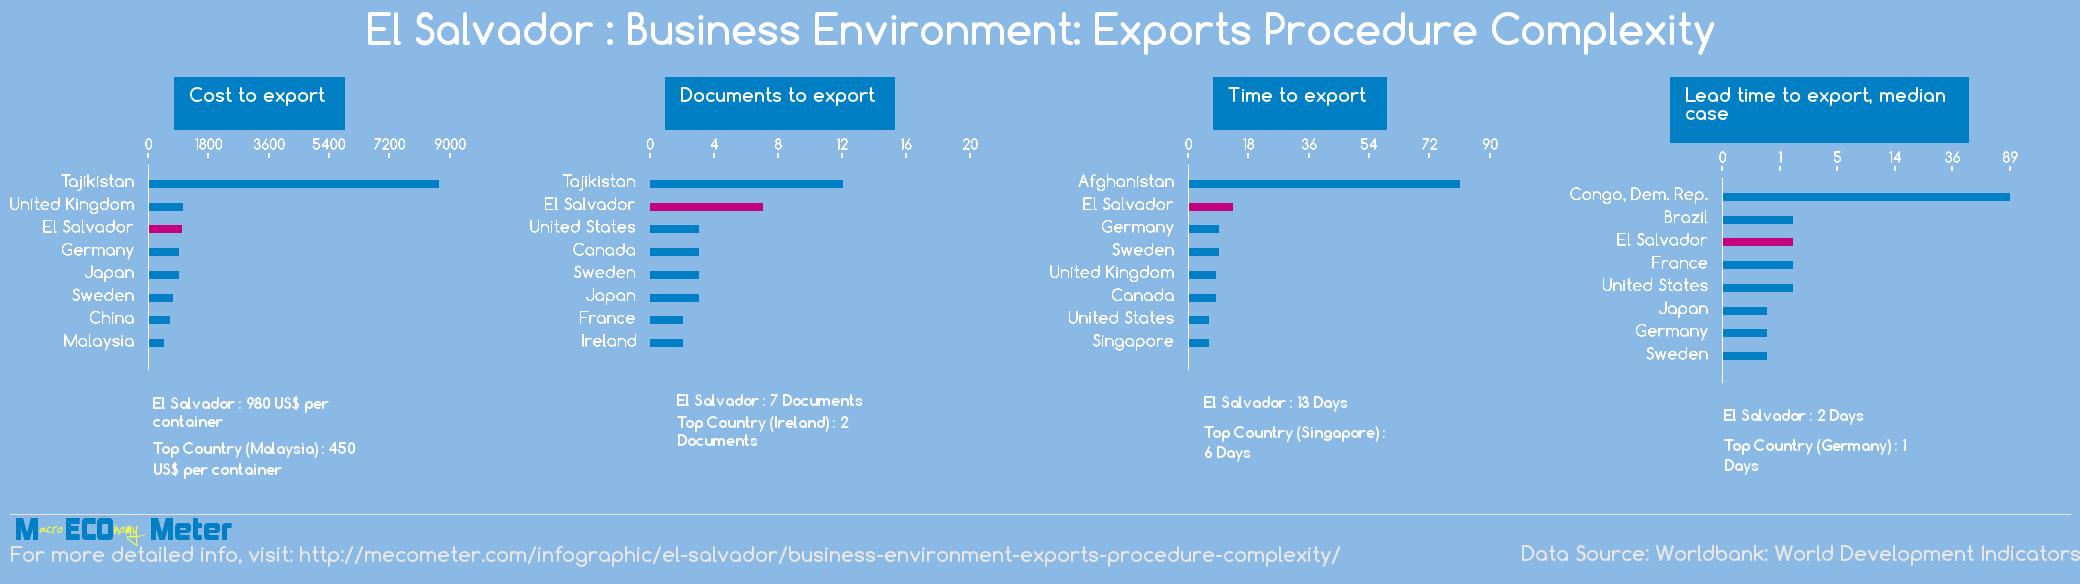 El Salvador : Business Environment: Exports Procedure Complexity